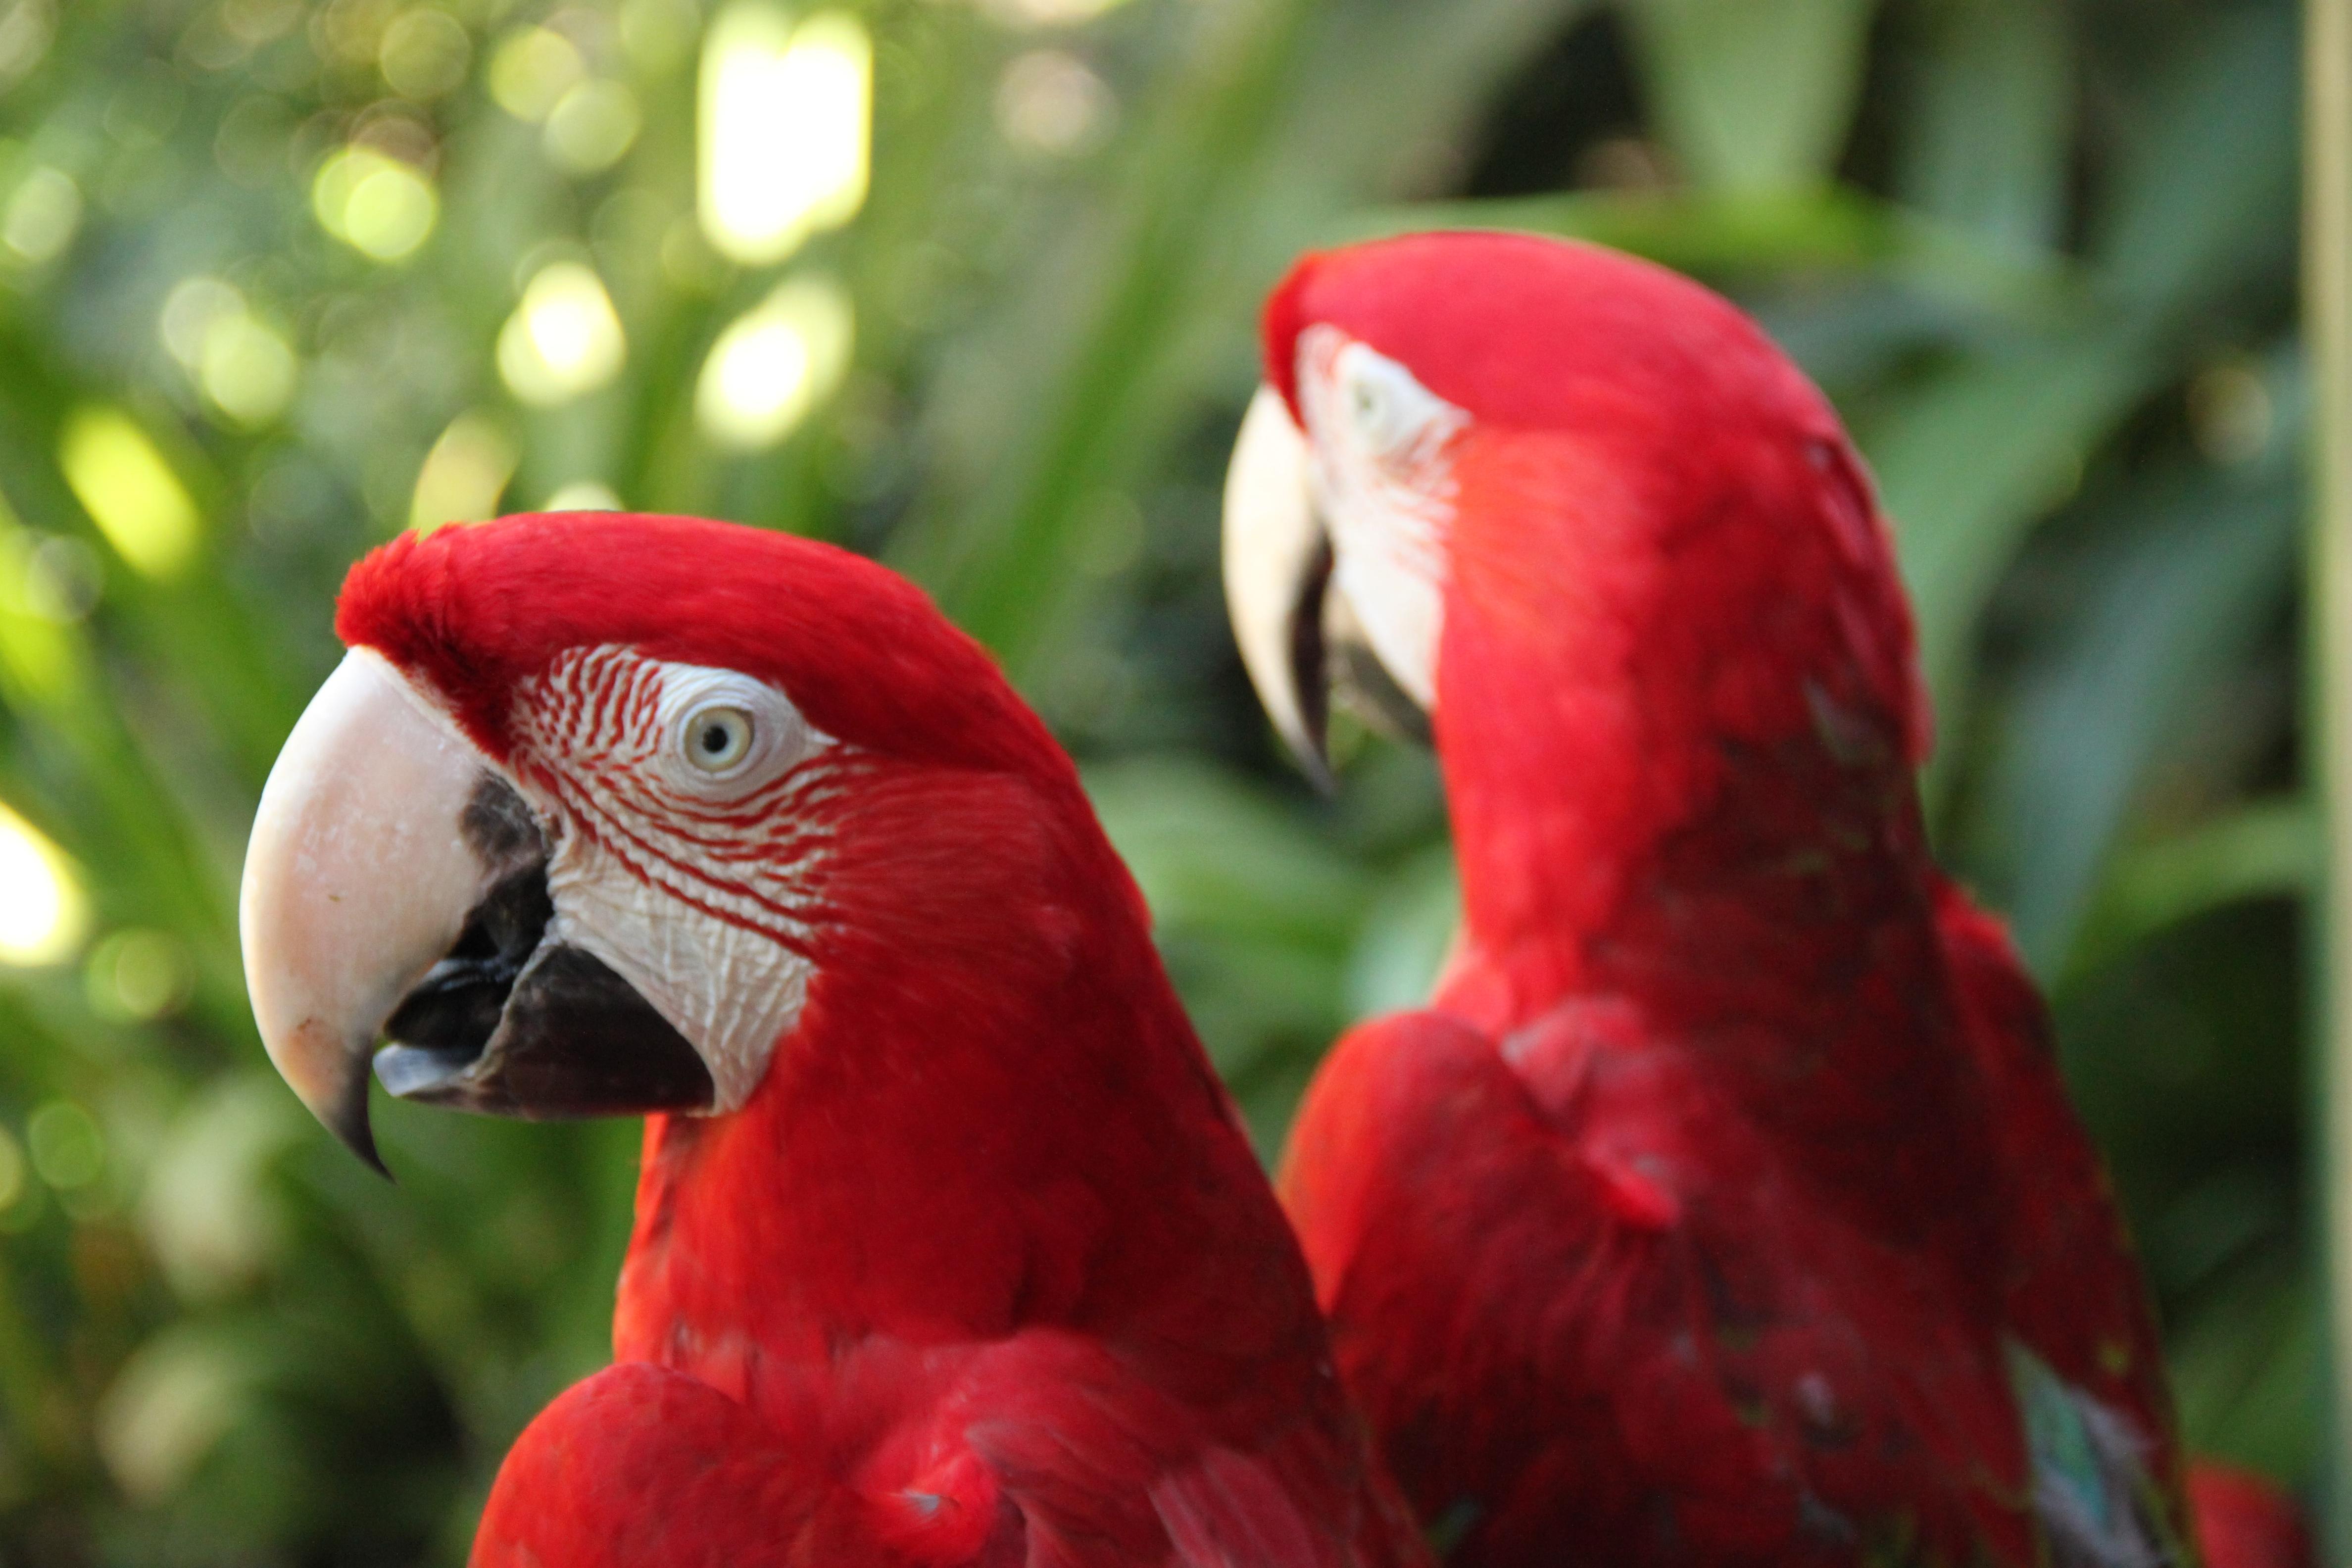 Duplicate Content Parrots